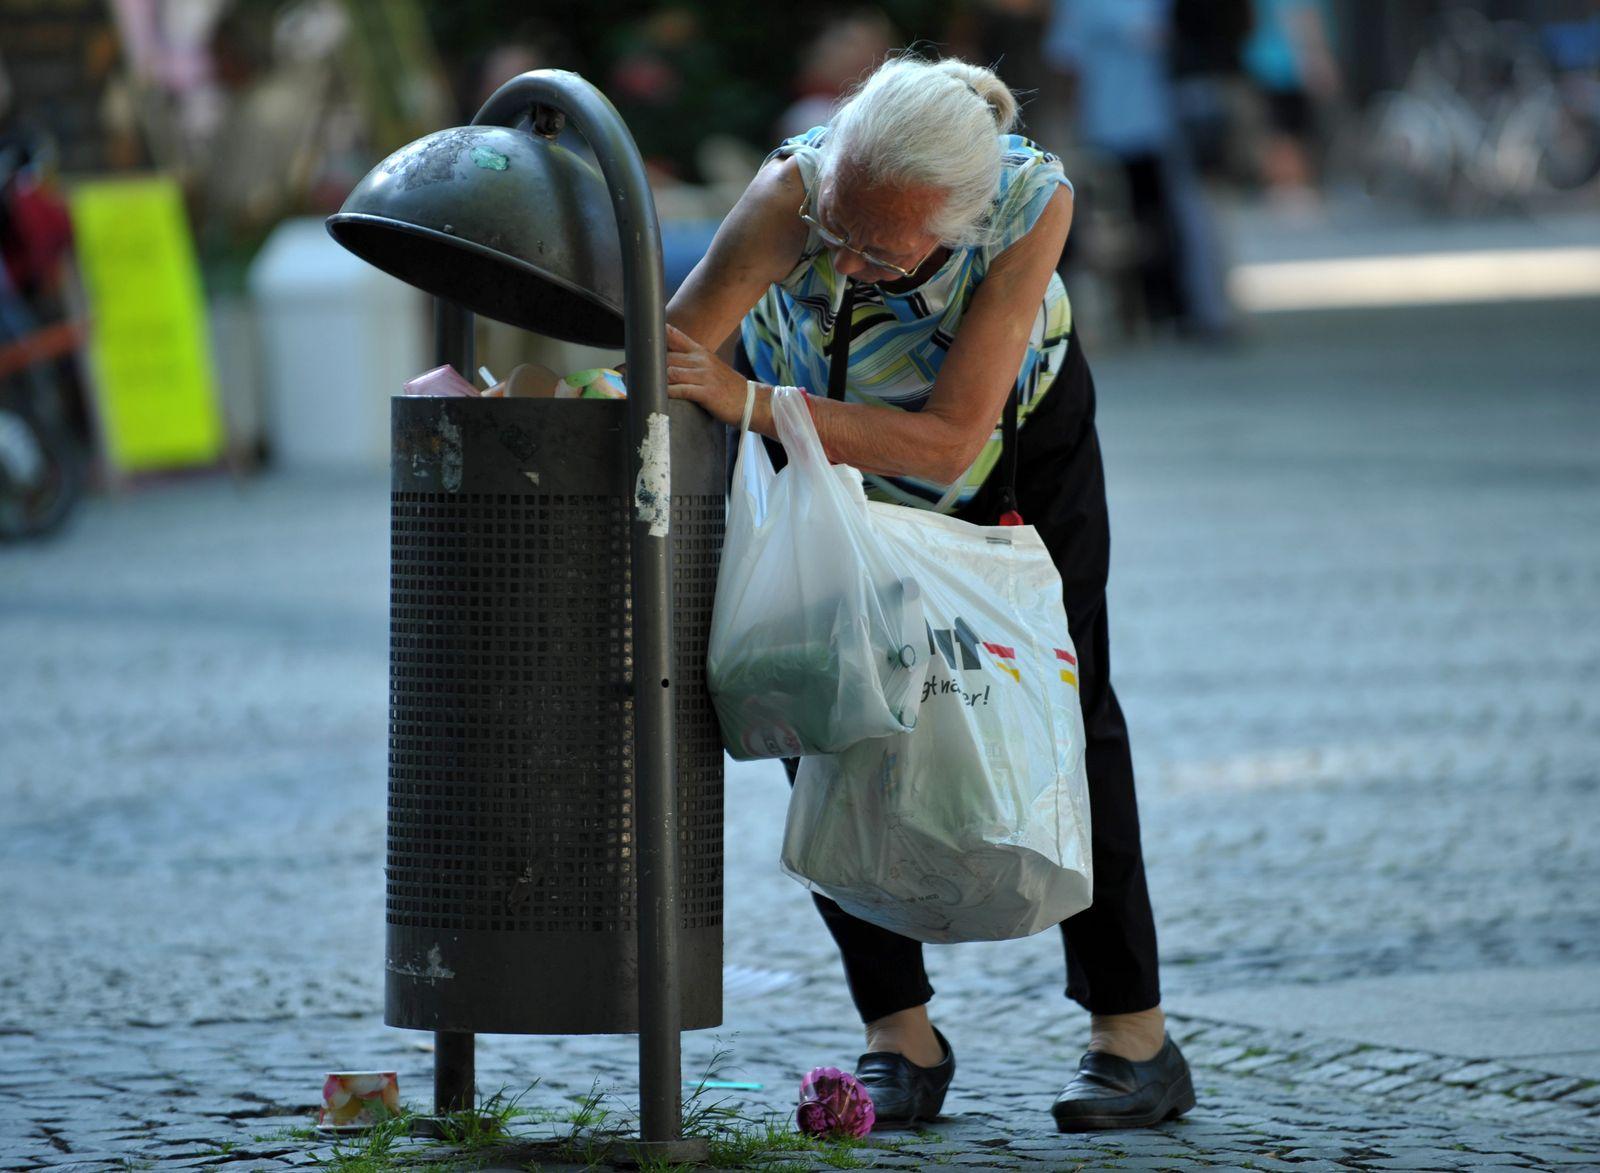 NUR FÜR SPAM Pfandflaschensuche im Müll